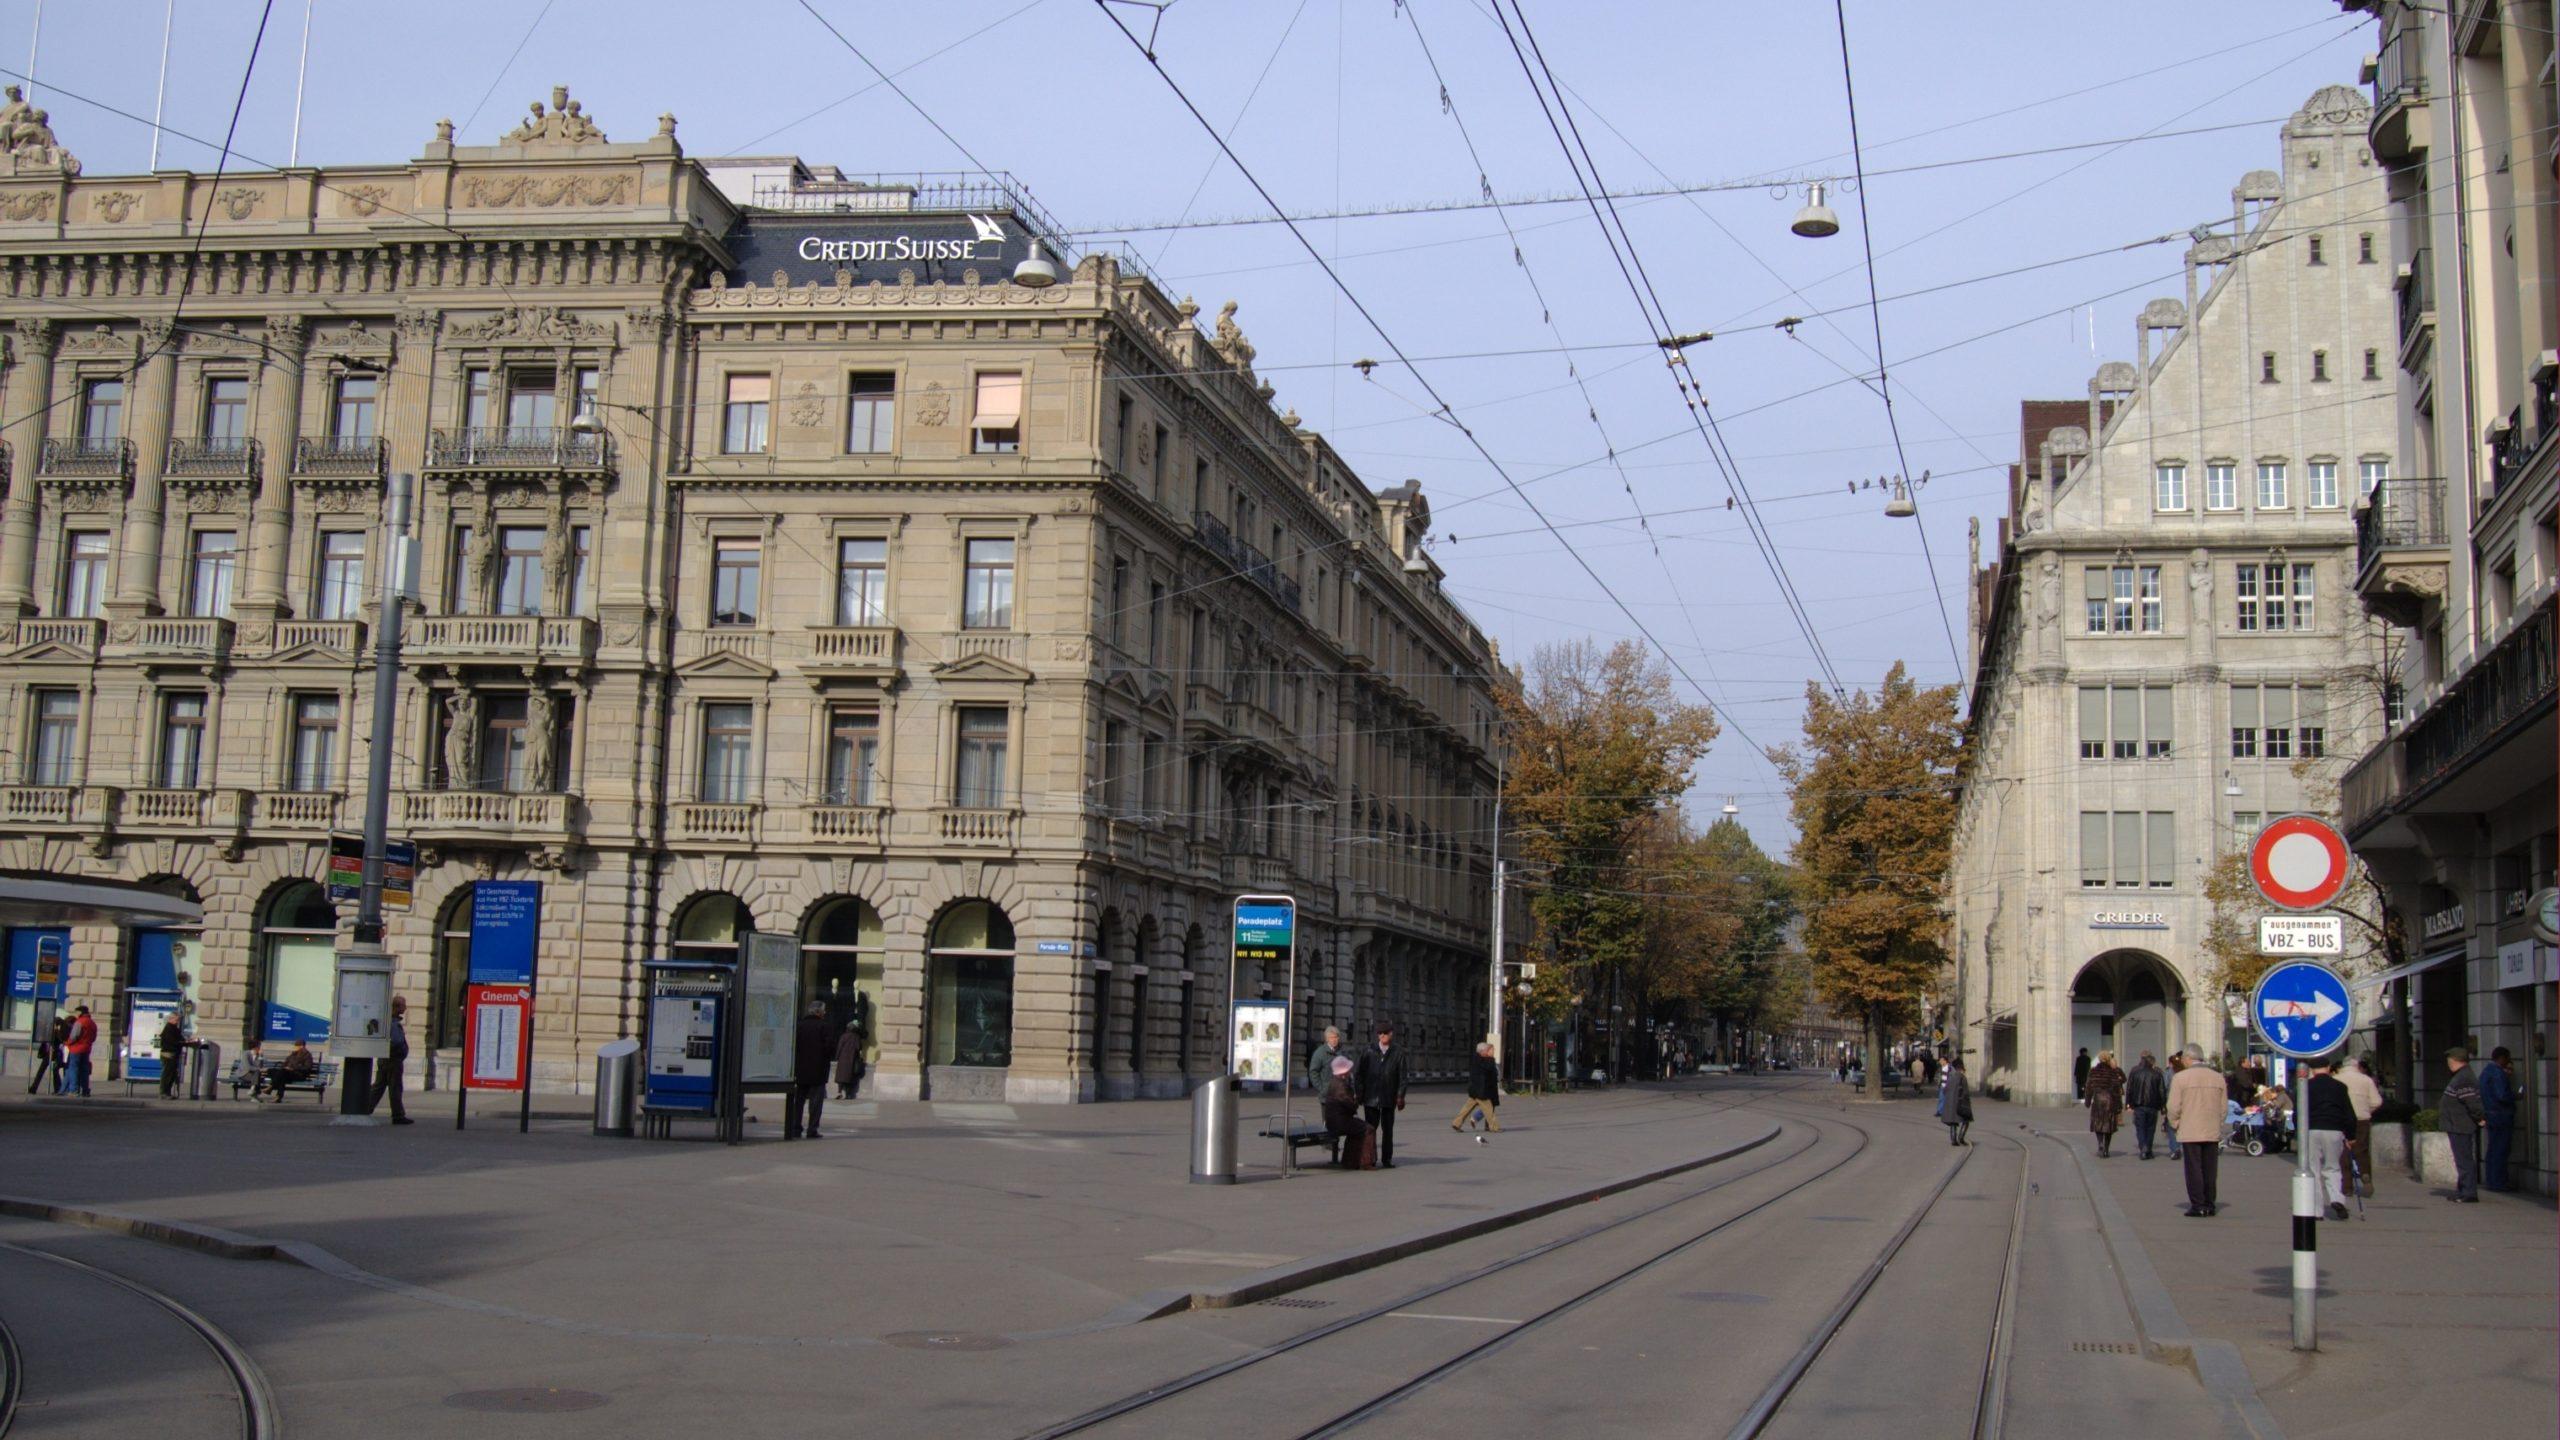 Bahnhofstraße in Zürich am Paradeplatz